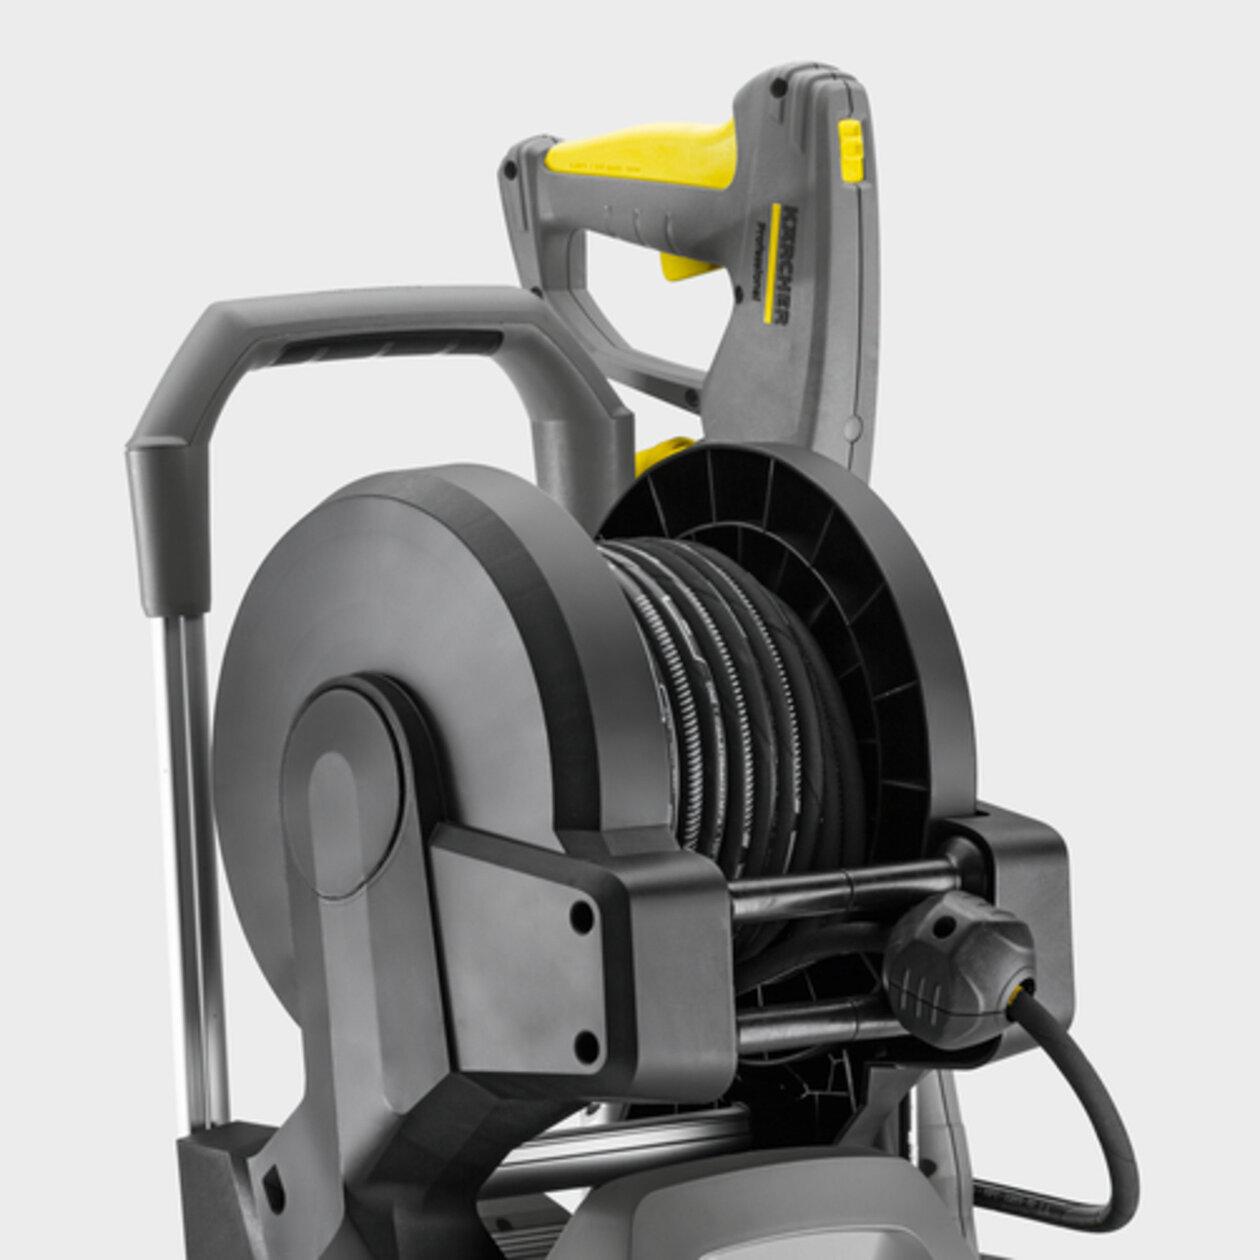 Vysokotlaký čistič HD 8/18-4 MXA Plus *EU: Automatický buben na navíjení hadice s pružinovým pohonem